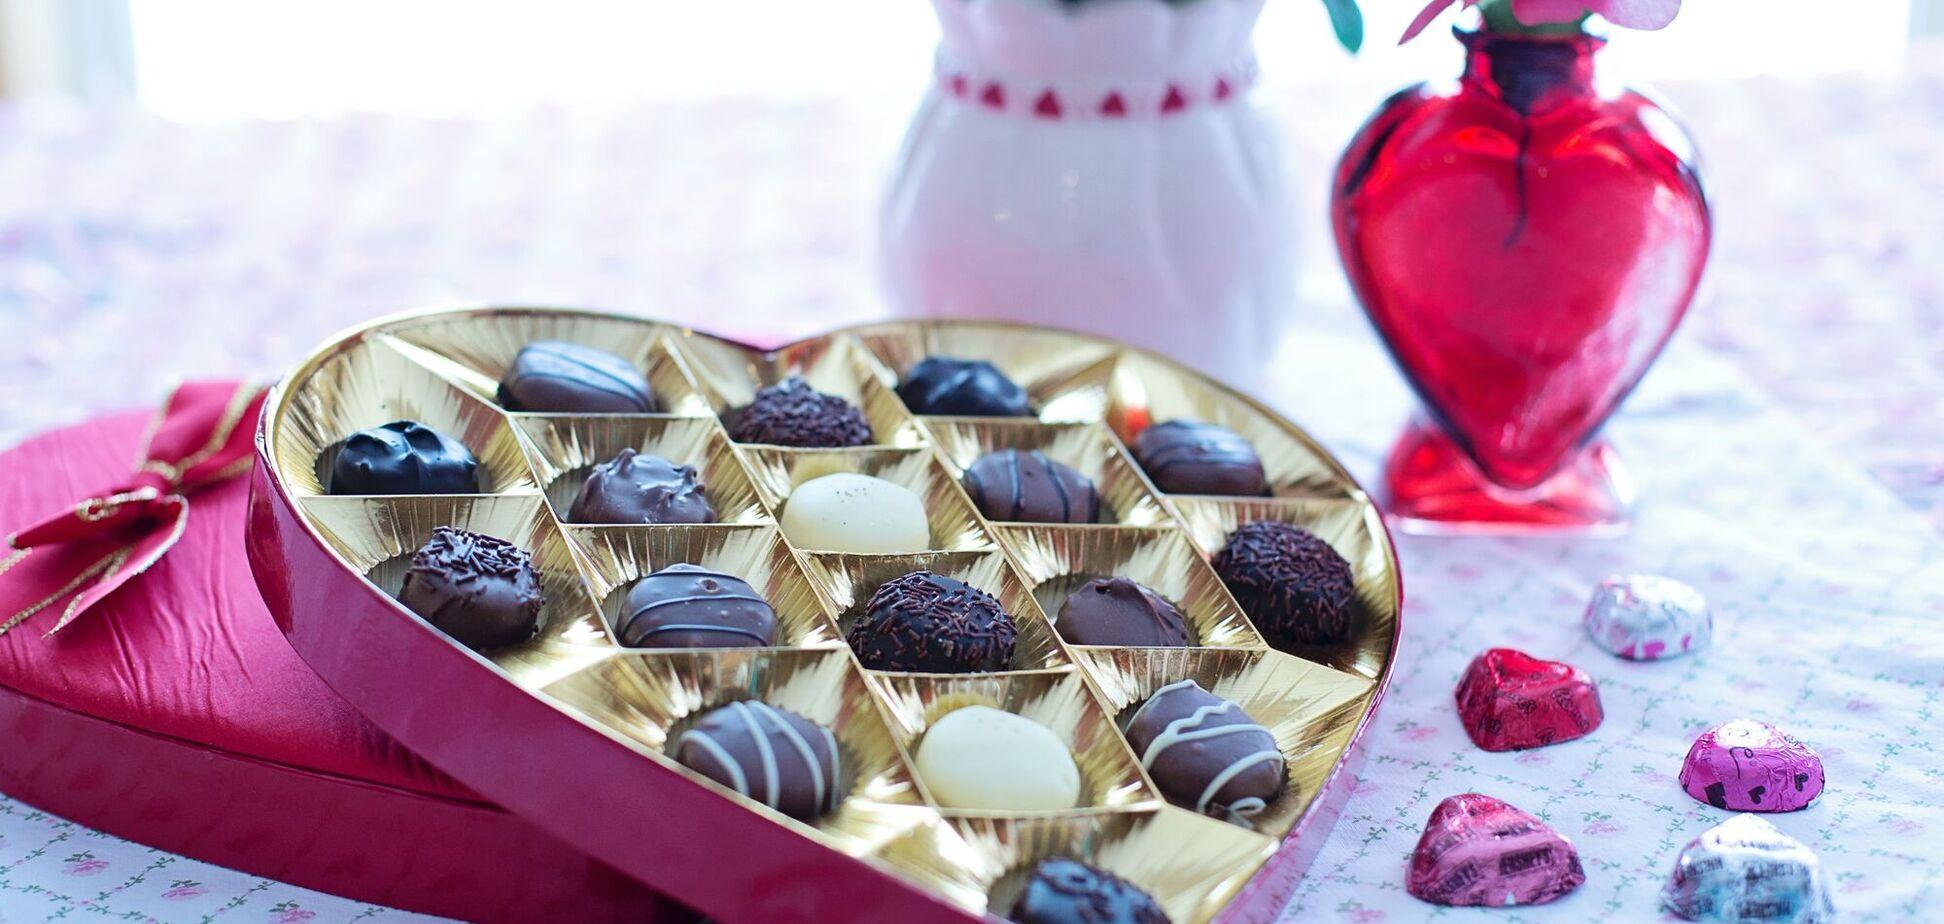 18 октября все сладкоежки отмечают Всемирный день конфет